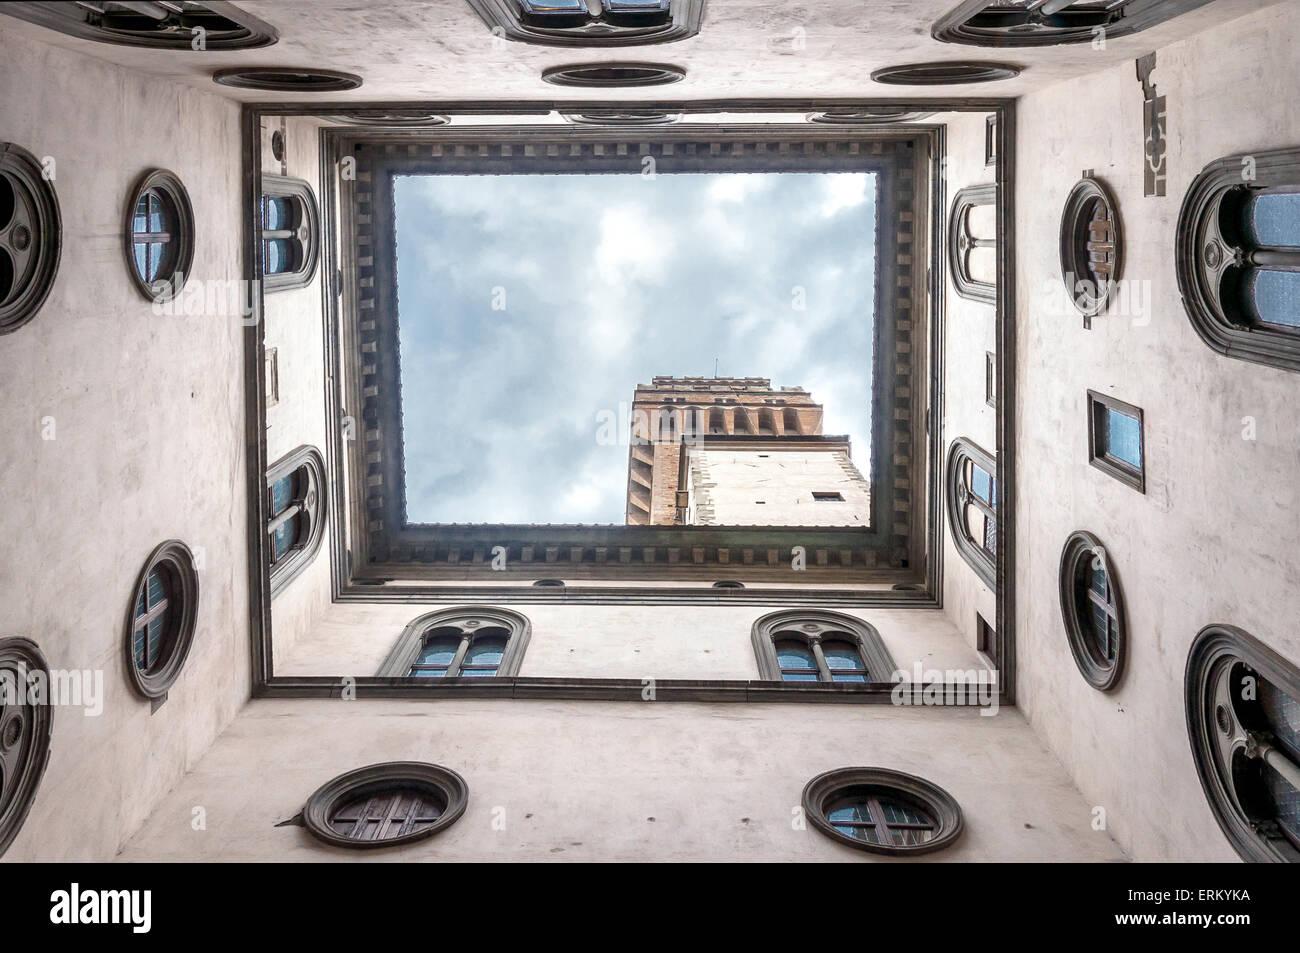 Palazzo Vecchio y geometrías de arquitectura visto desde el patio en Florencia, Italia. Imagen De Stock